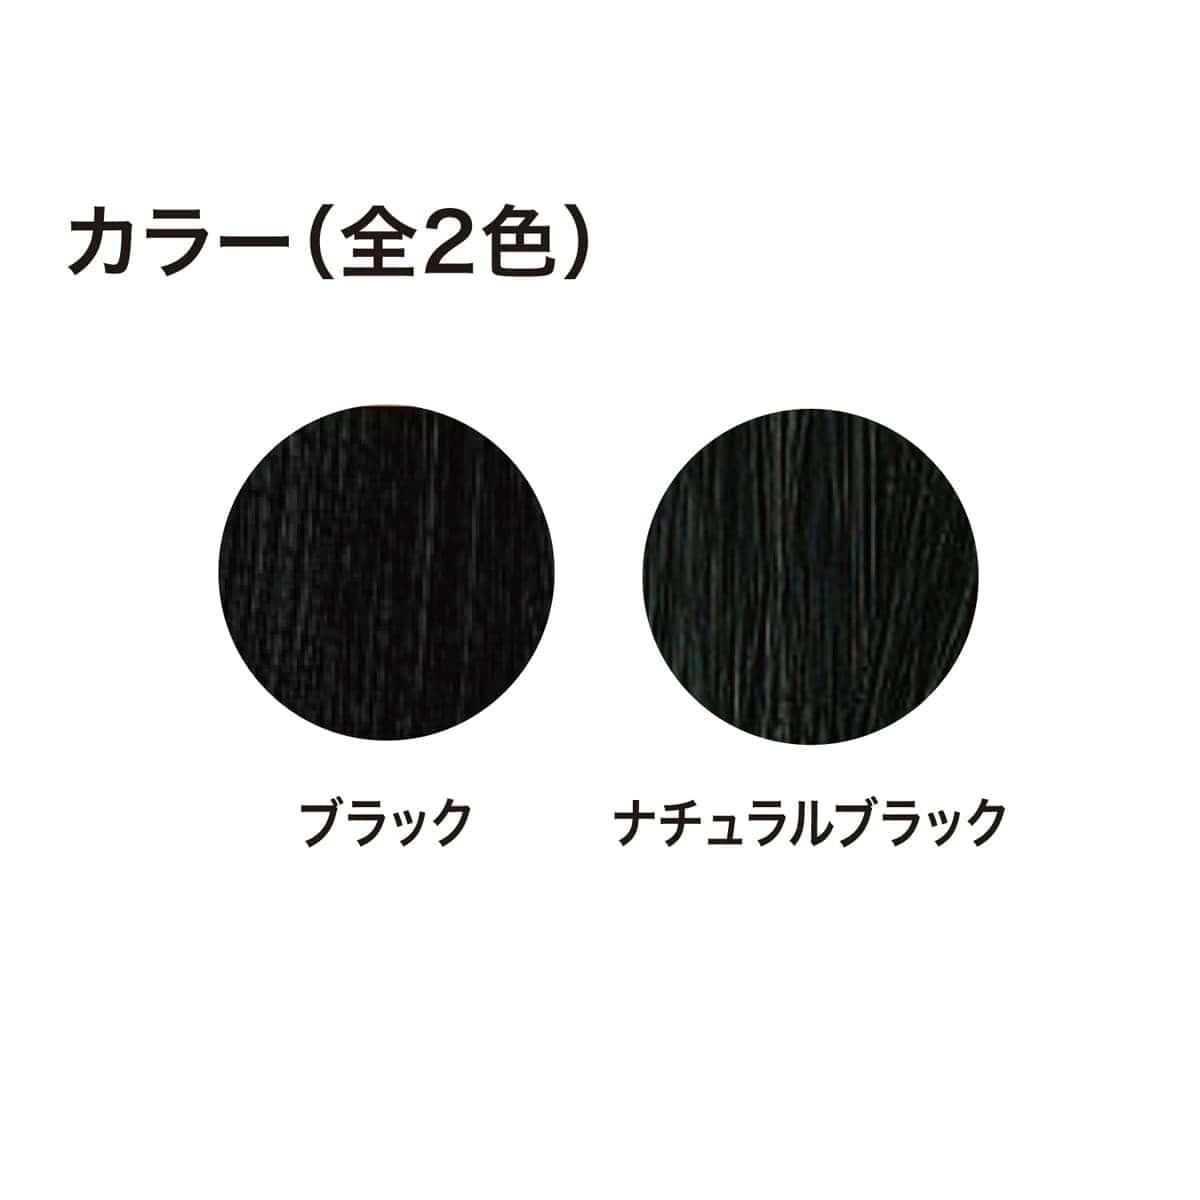 アートミクロン パウダー(20g) 単品+マイスターシャンプー